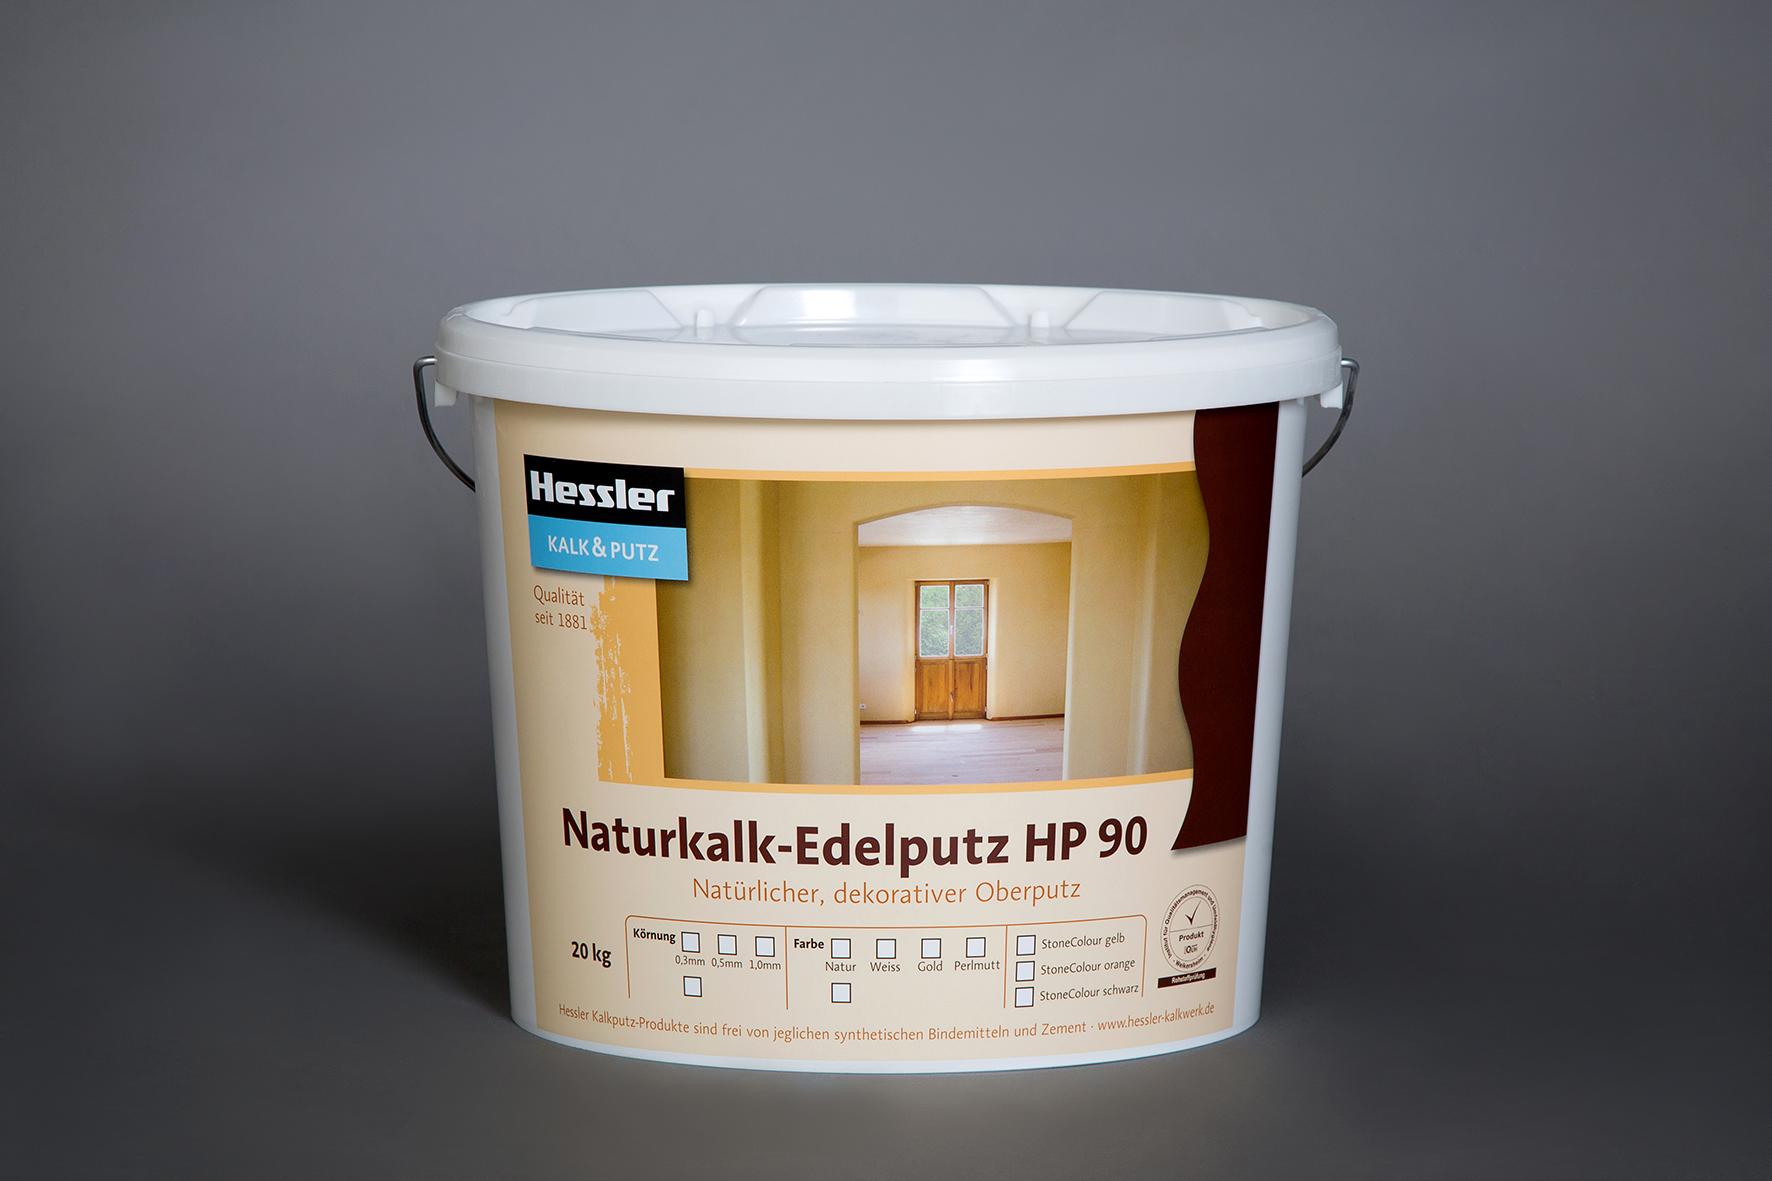 Hessler Kalk-Feinputz HP90 natur · 20kg